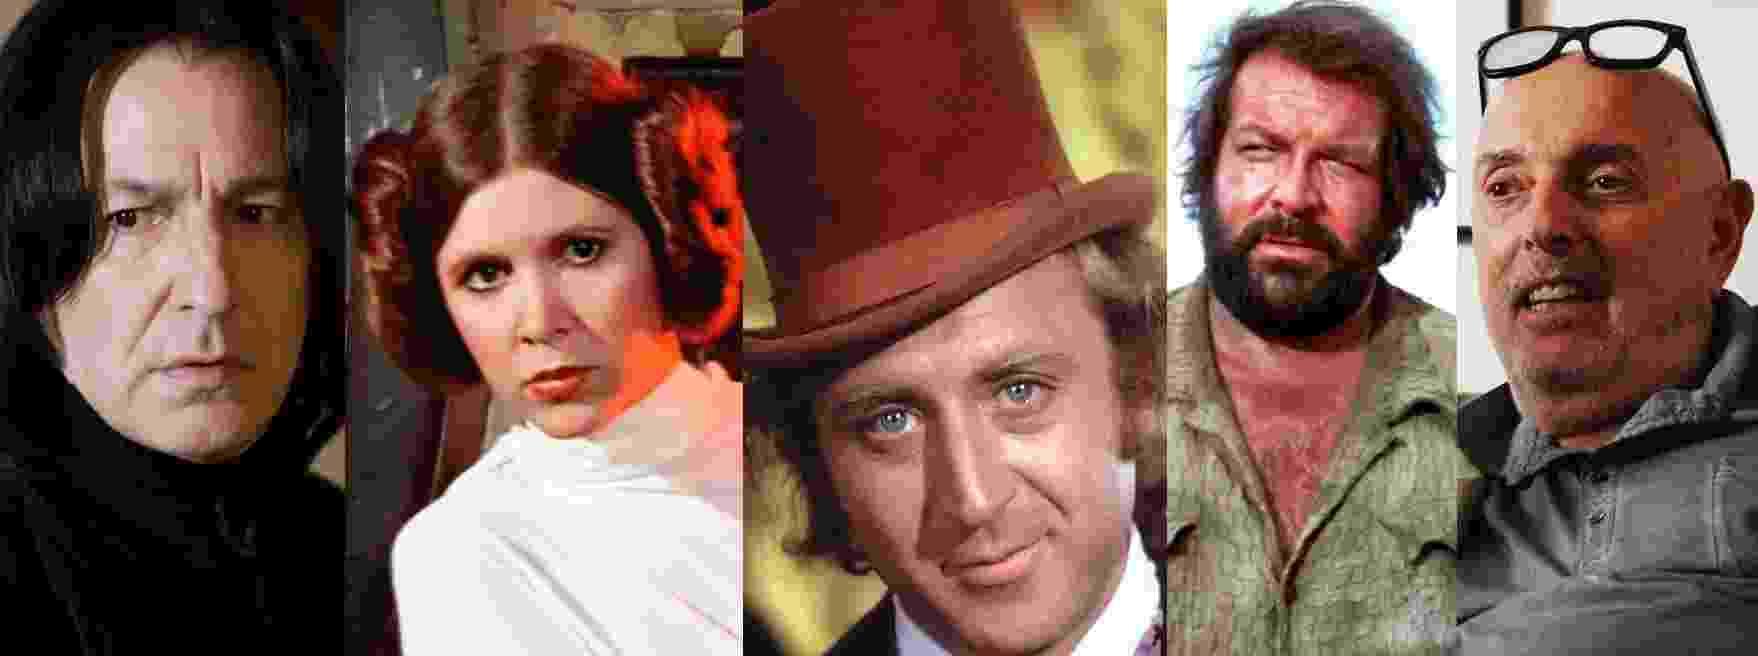 Personalidades do cinema que morreram em 2016 - Reprodução/Montagem